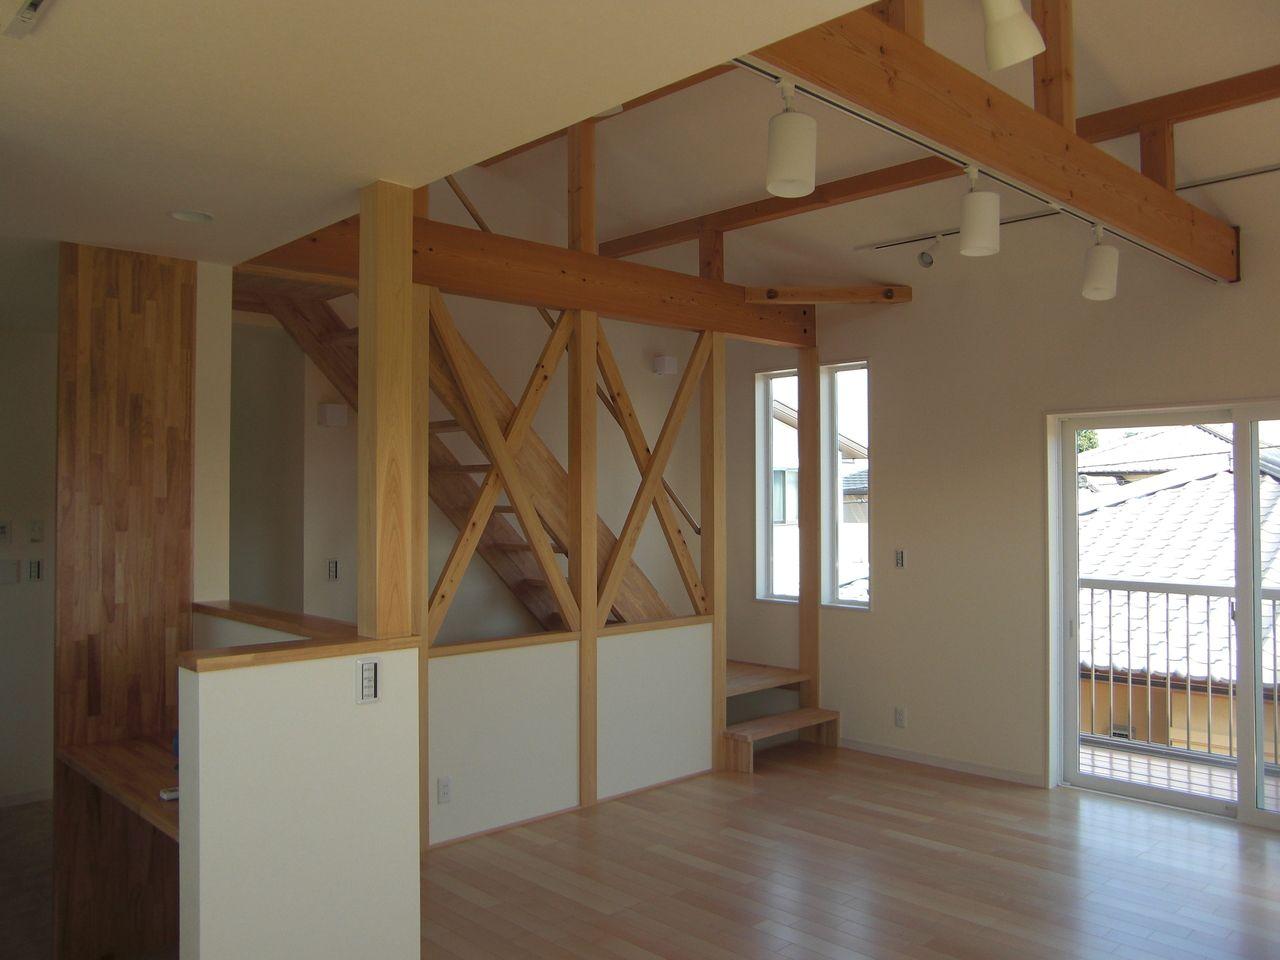 約15帖のリビングダイニングと約4.2帖のキッチンです。キッチン横には約1.8帖の食品庫があります。カウンターもありますので、家事室として使うこともできます。